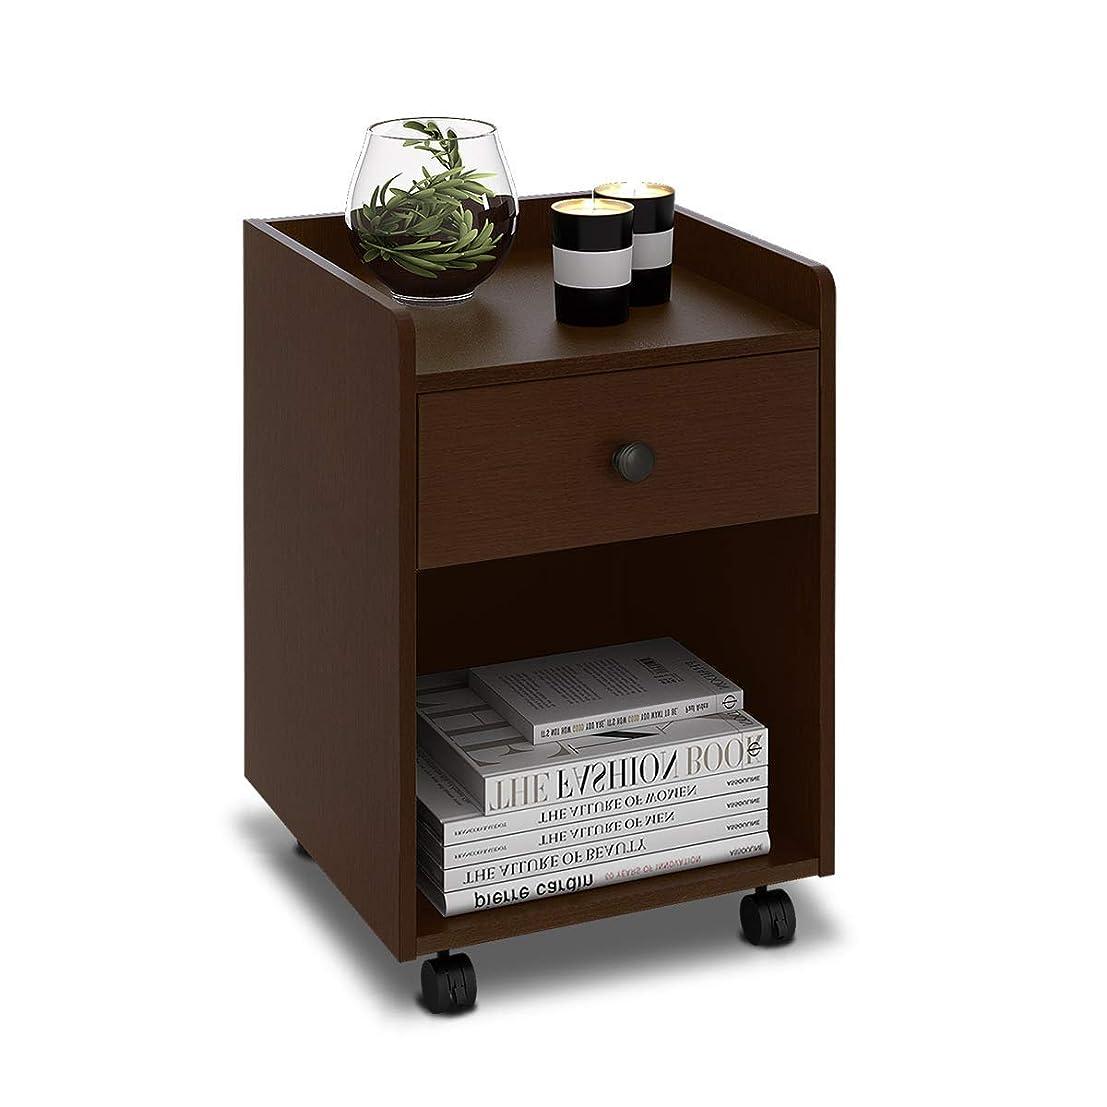 詐欺師生命体一時停止DEVAISE ナイトテーブル ベッドサイドテーブル サイドテーブル キャスター付き 移動便利 引き出し付き ベッド周り収納 幅400*奥行398*高さ520mm 簡単組立 木製 ダークブラウン WF0010B